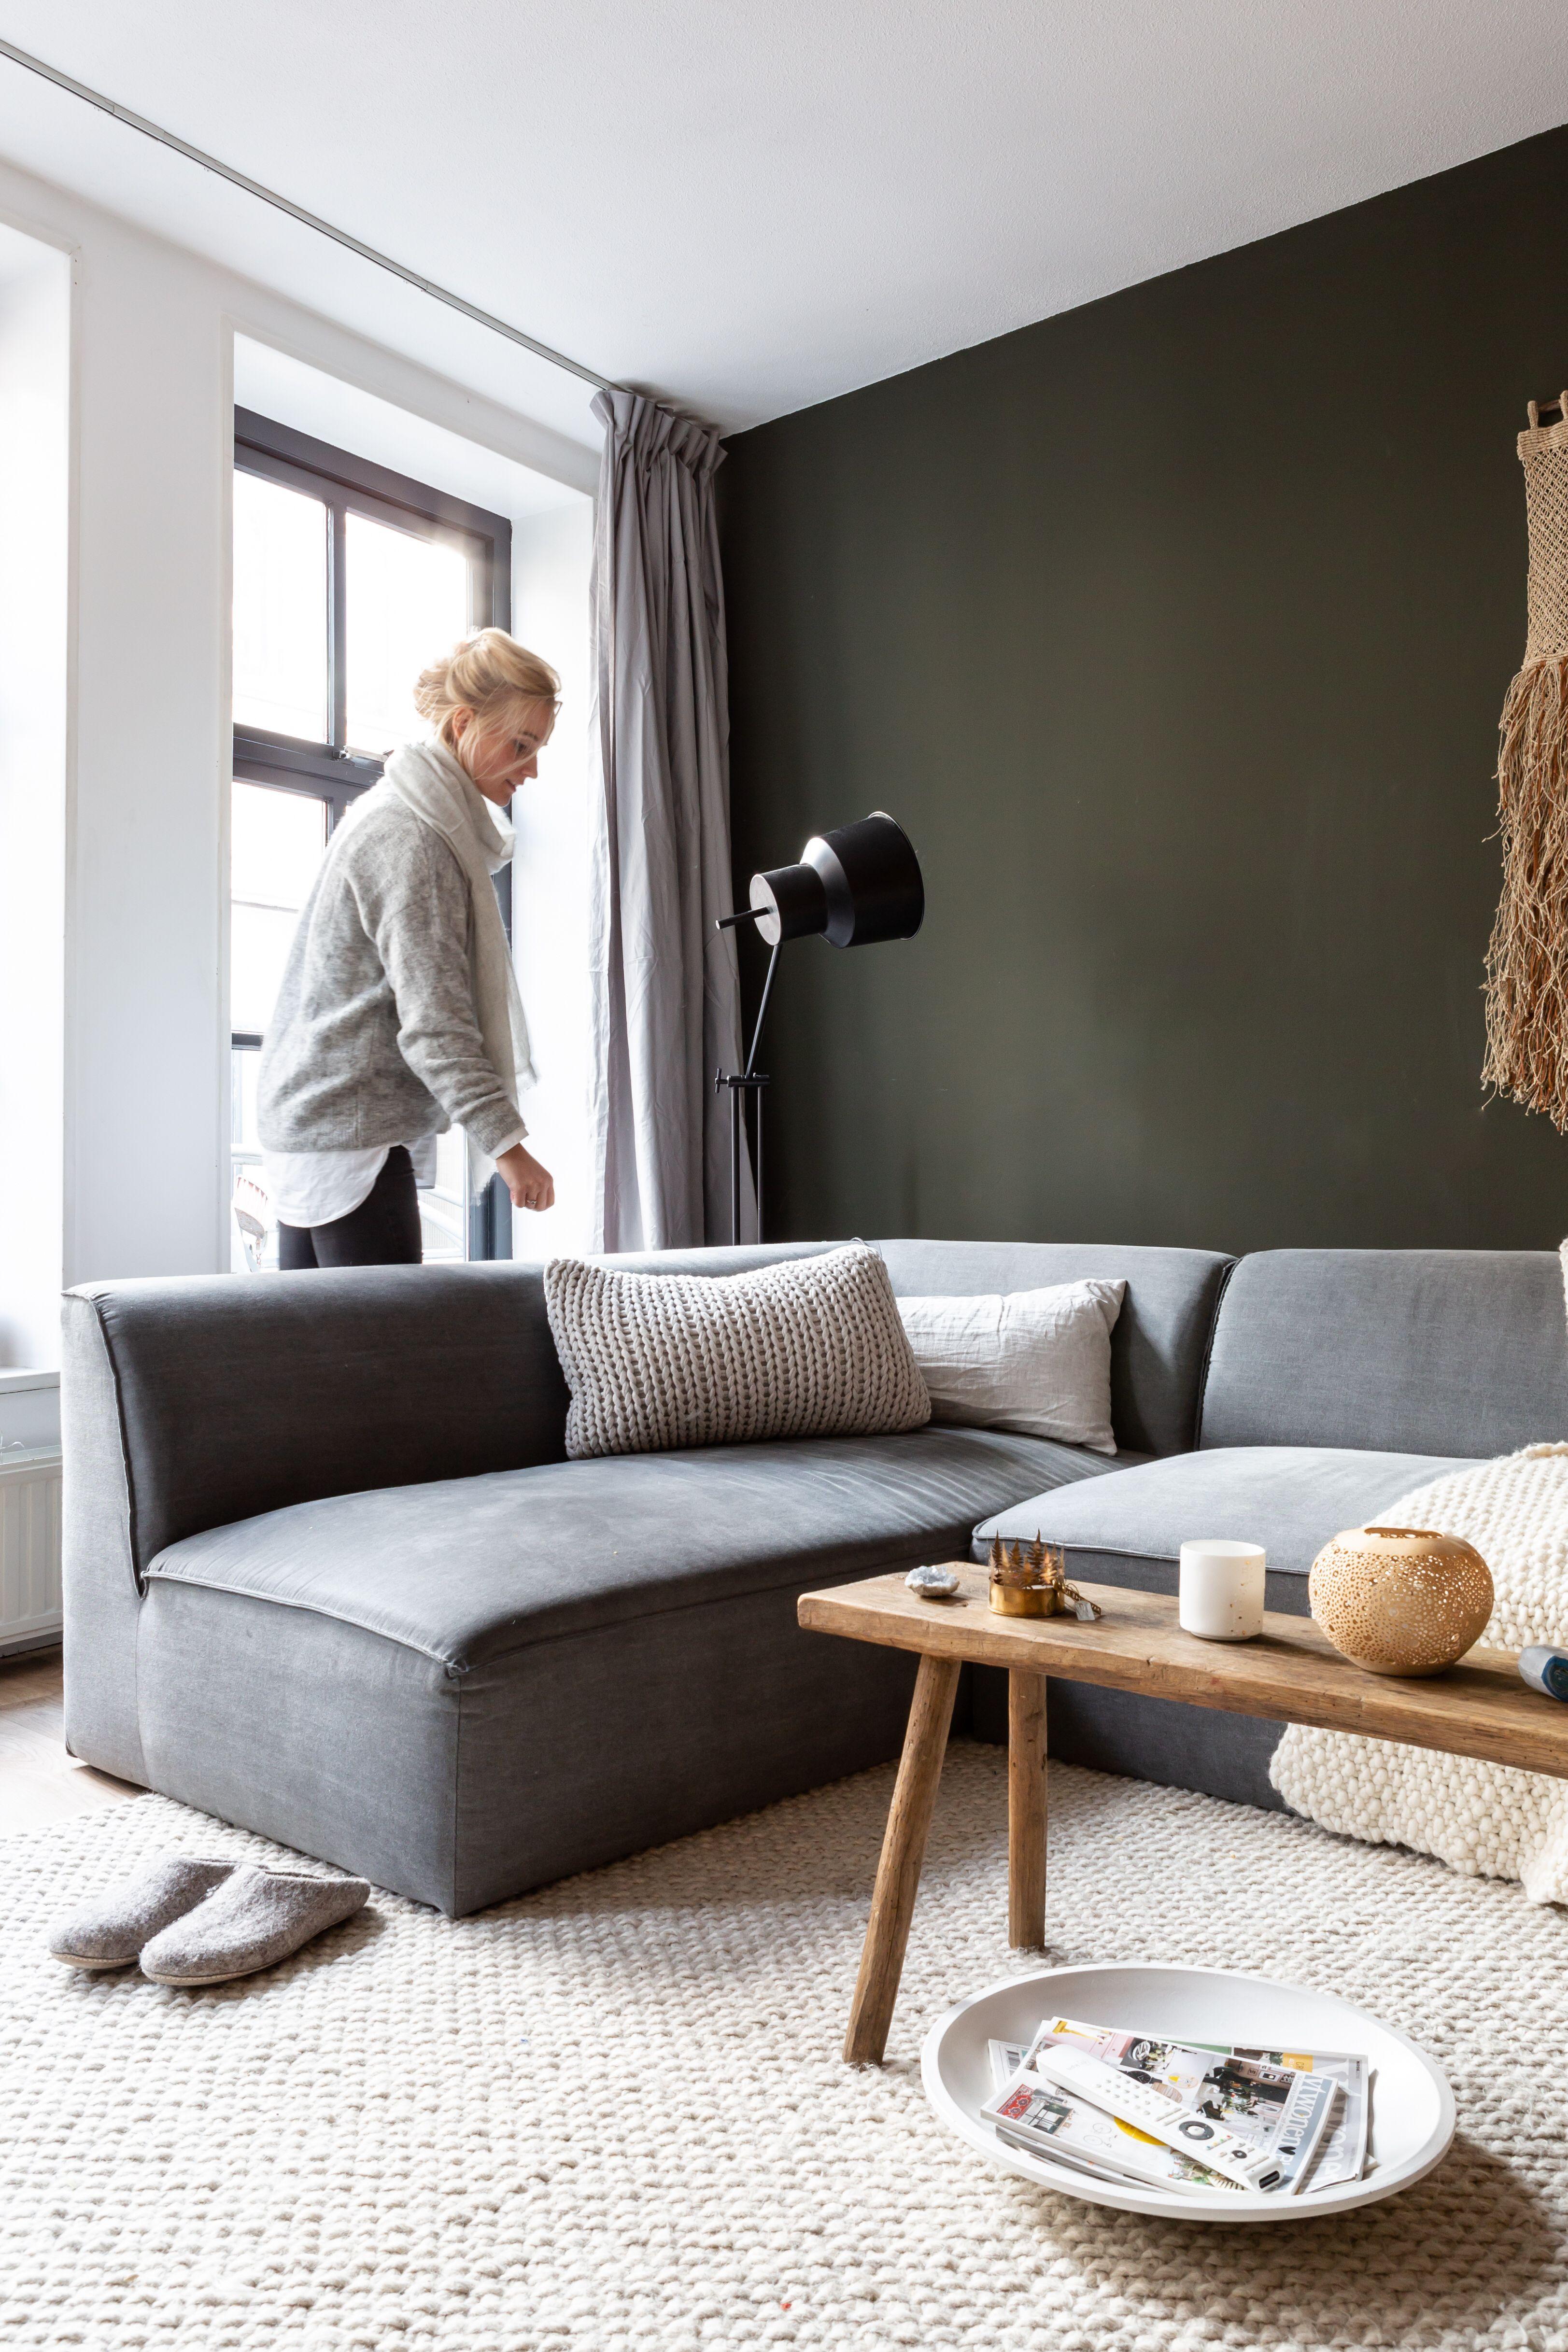 Interieur Maureen Brinkhof Iamaureen Binnenkijken Woonhuis Deventer Home Decor Home Decor Bedroom Home